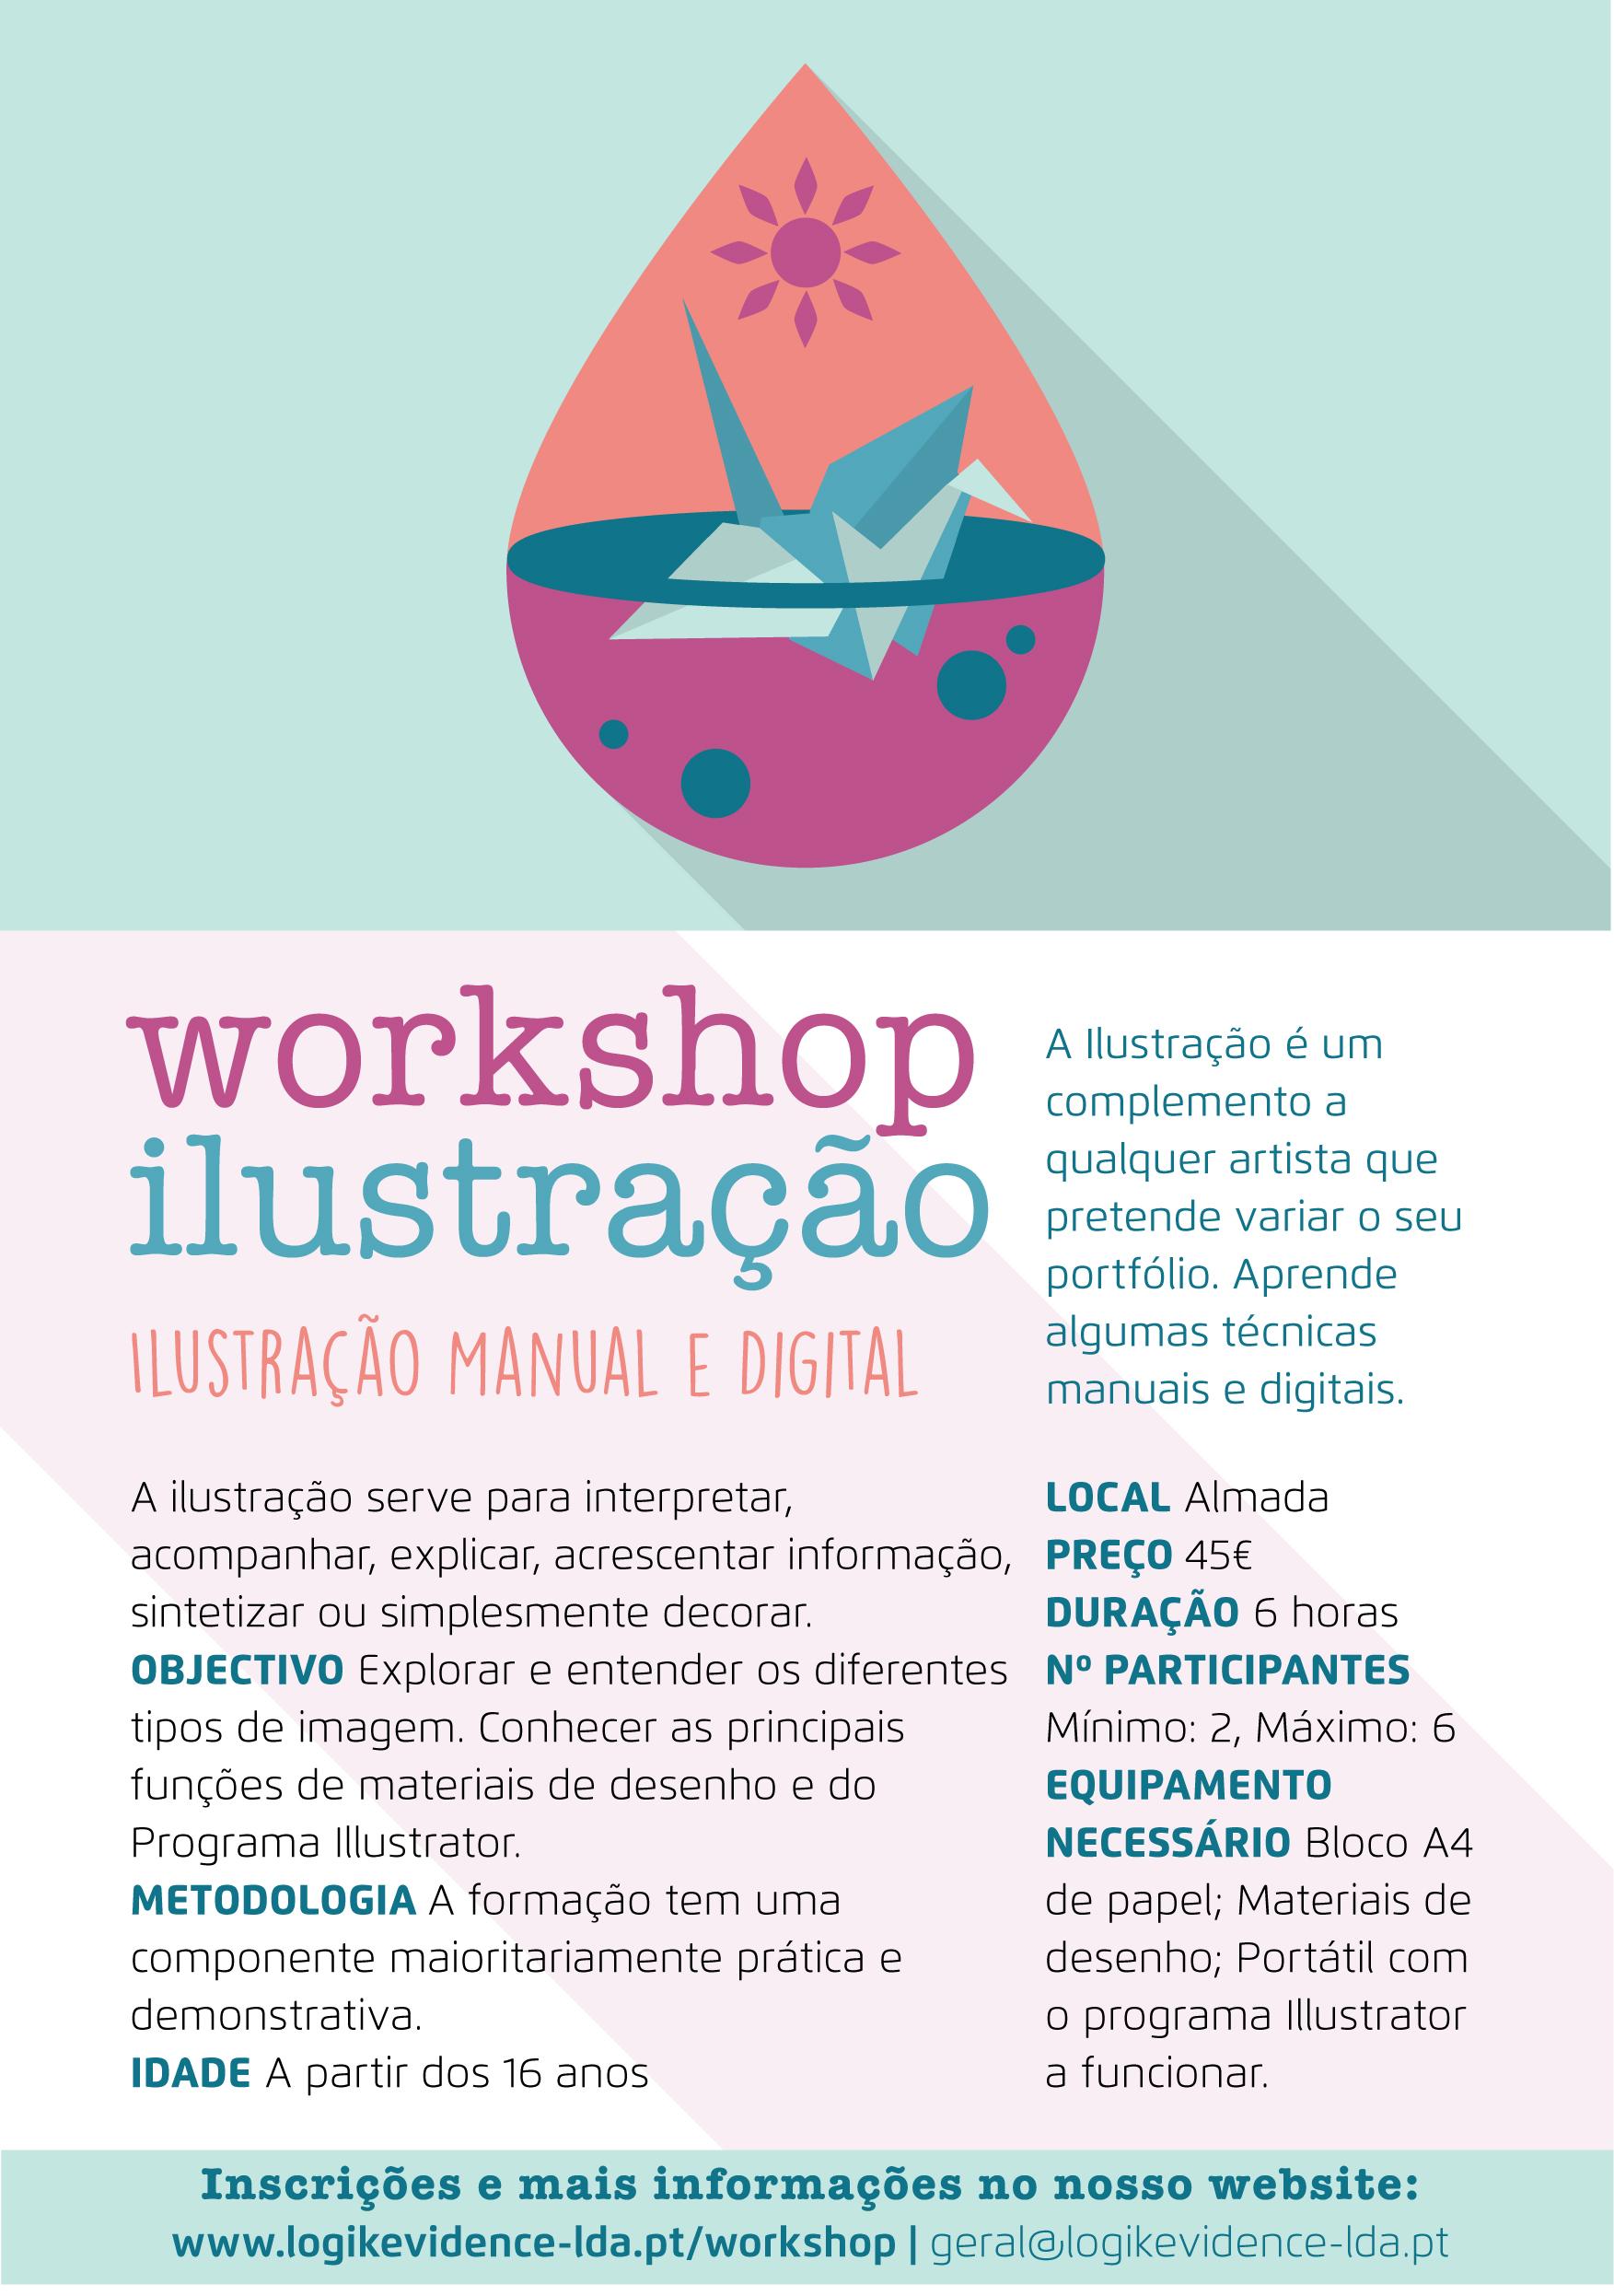 flyer workshop ilustracao.jpg